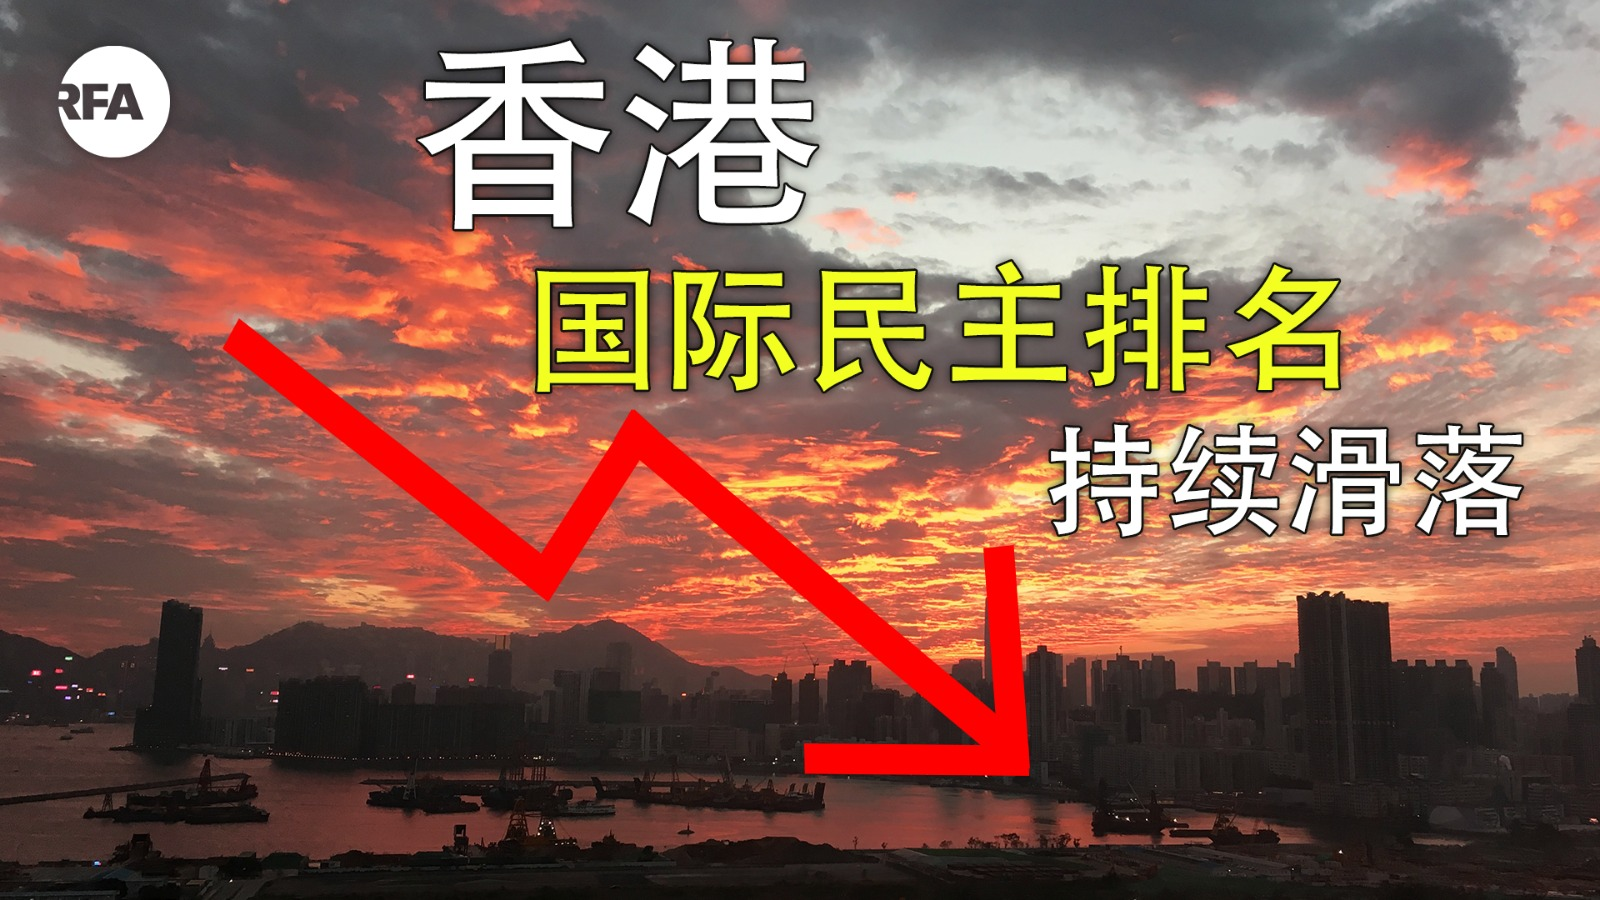 香港民主程度排名滑落与非洲国家并列